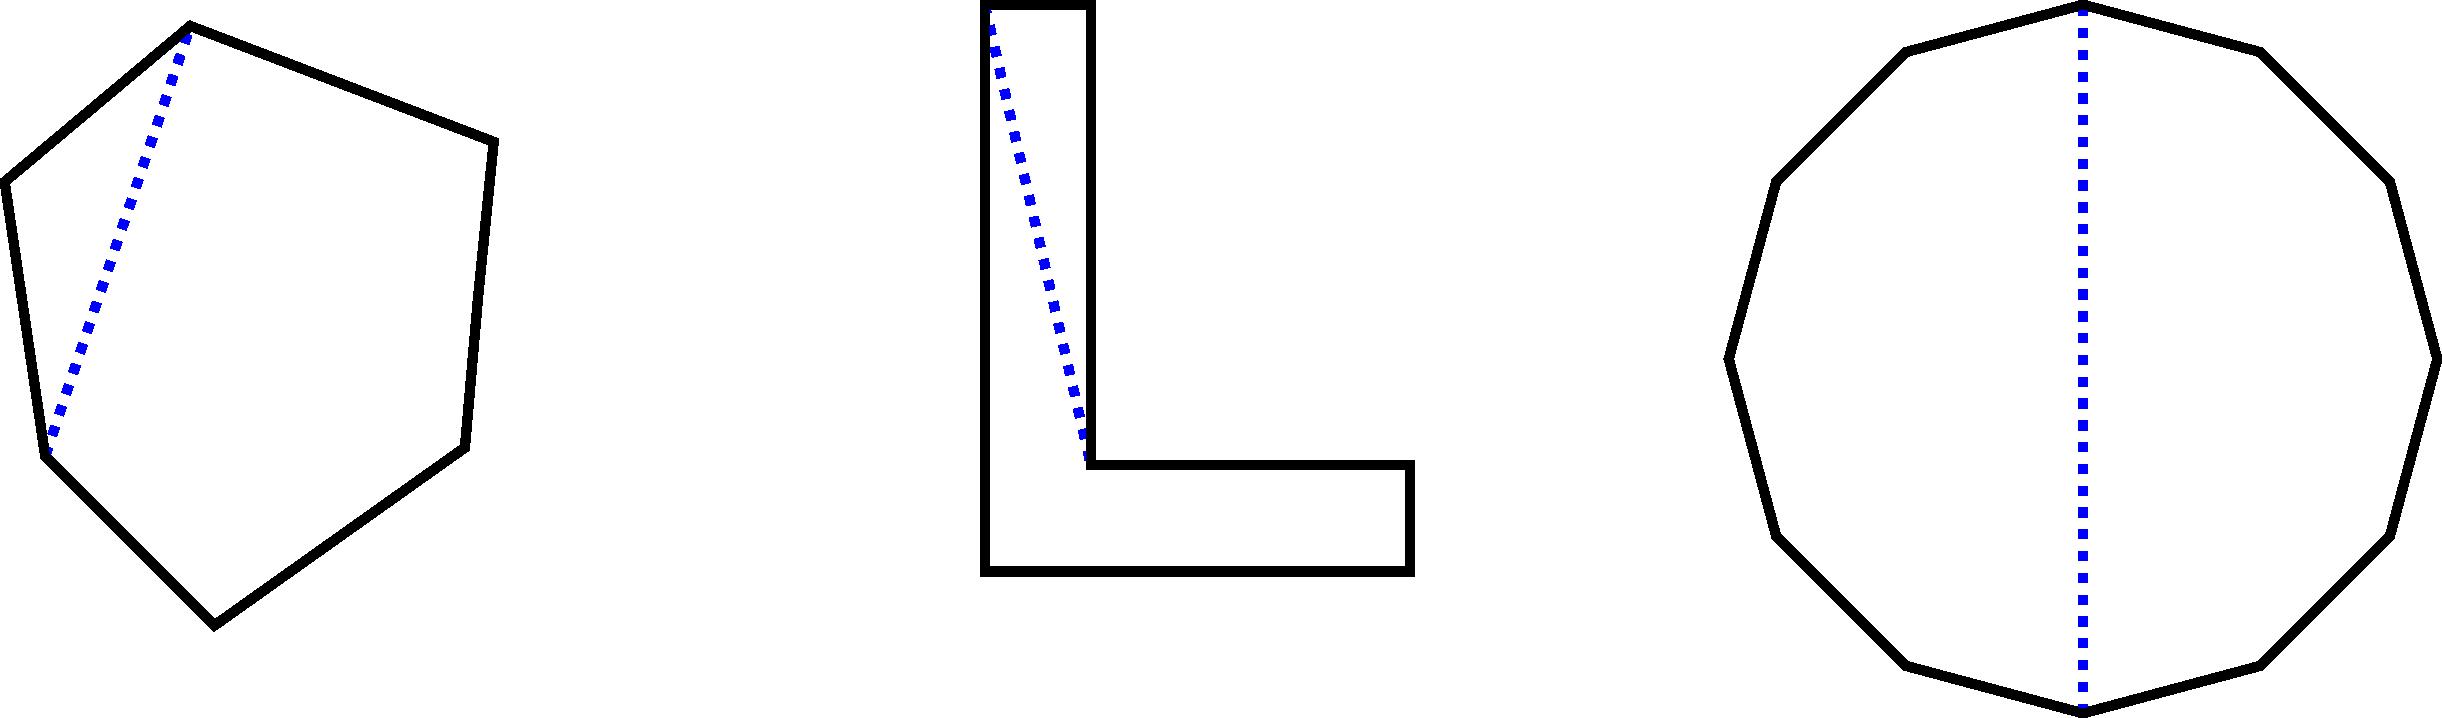 Onlinebrückenkurs Mathematik Abschnitt 5.4.3 Vielecke